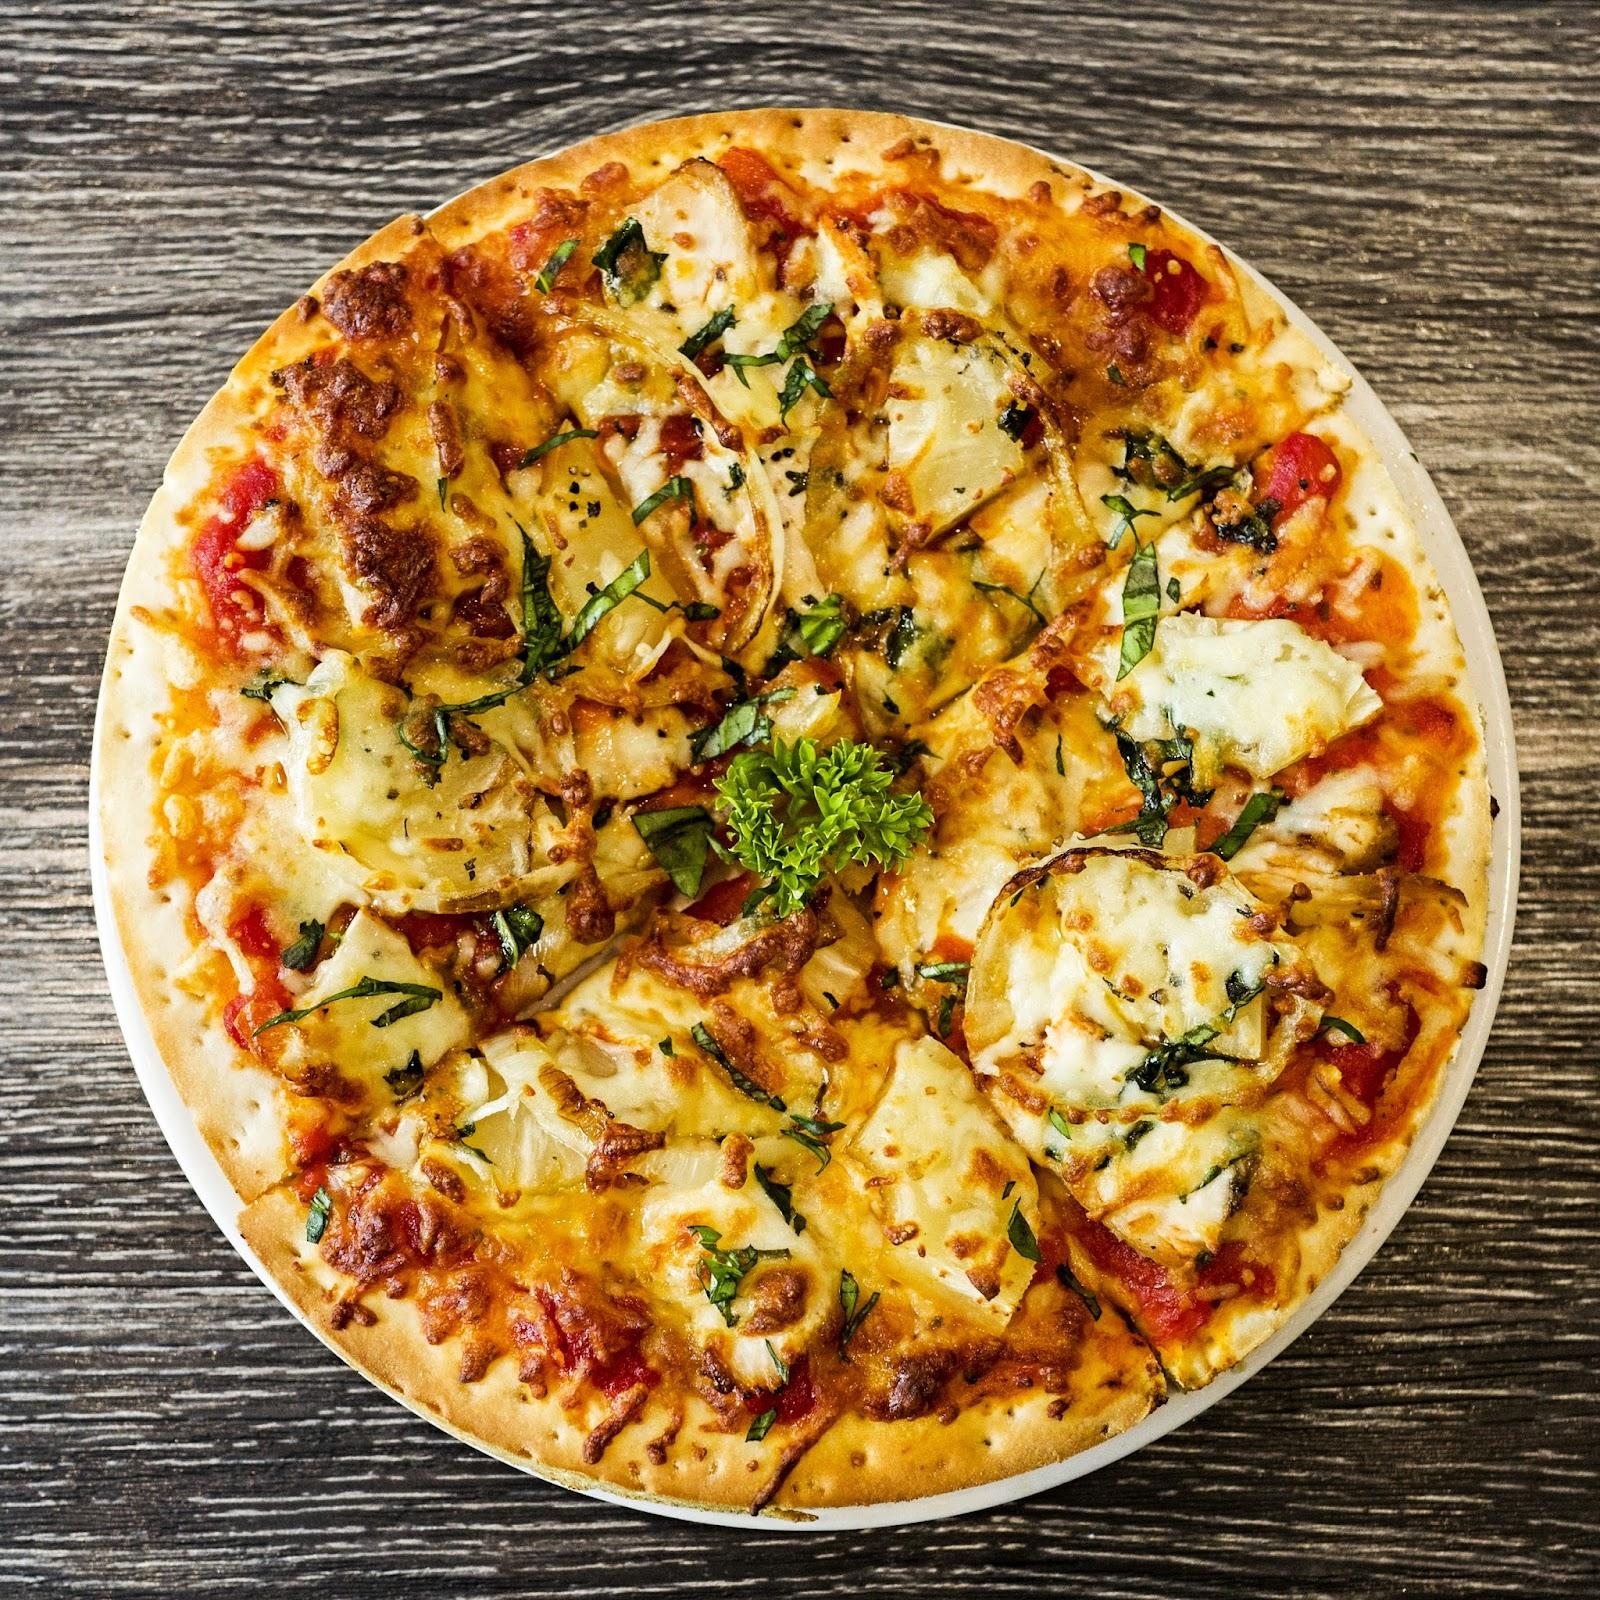 f-pizza-L1070389.jpg